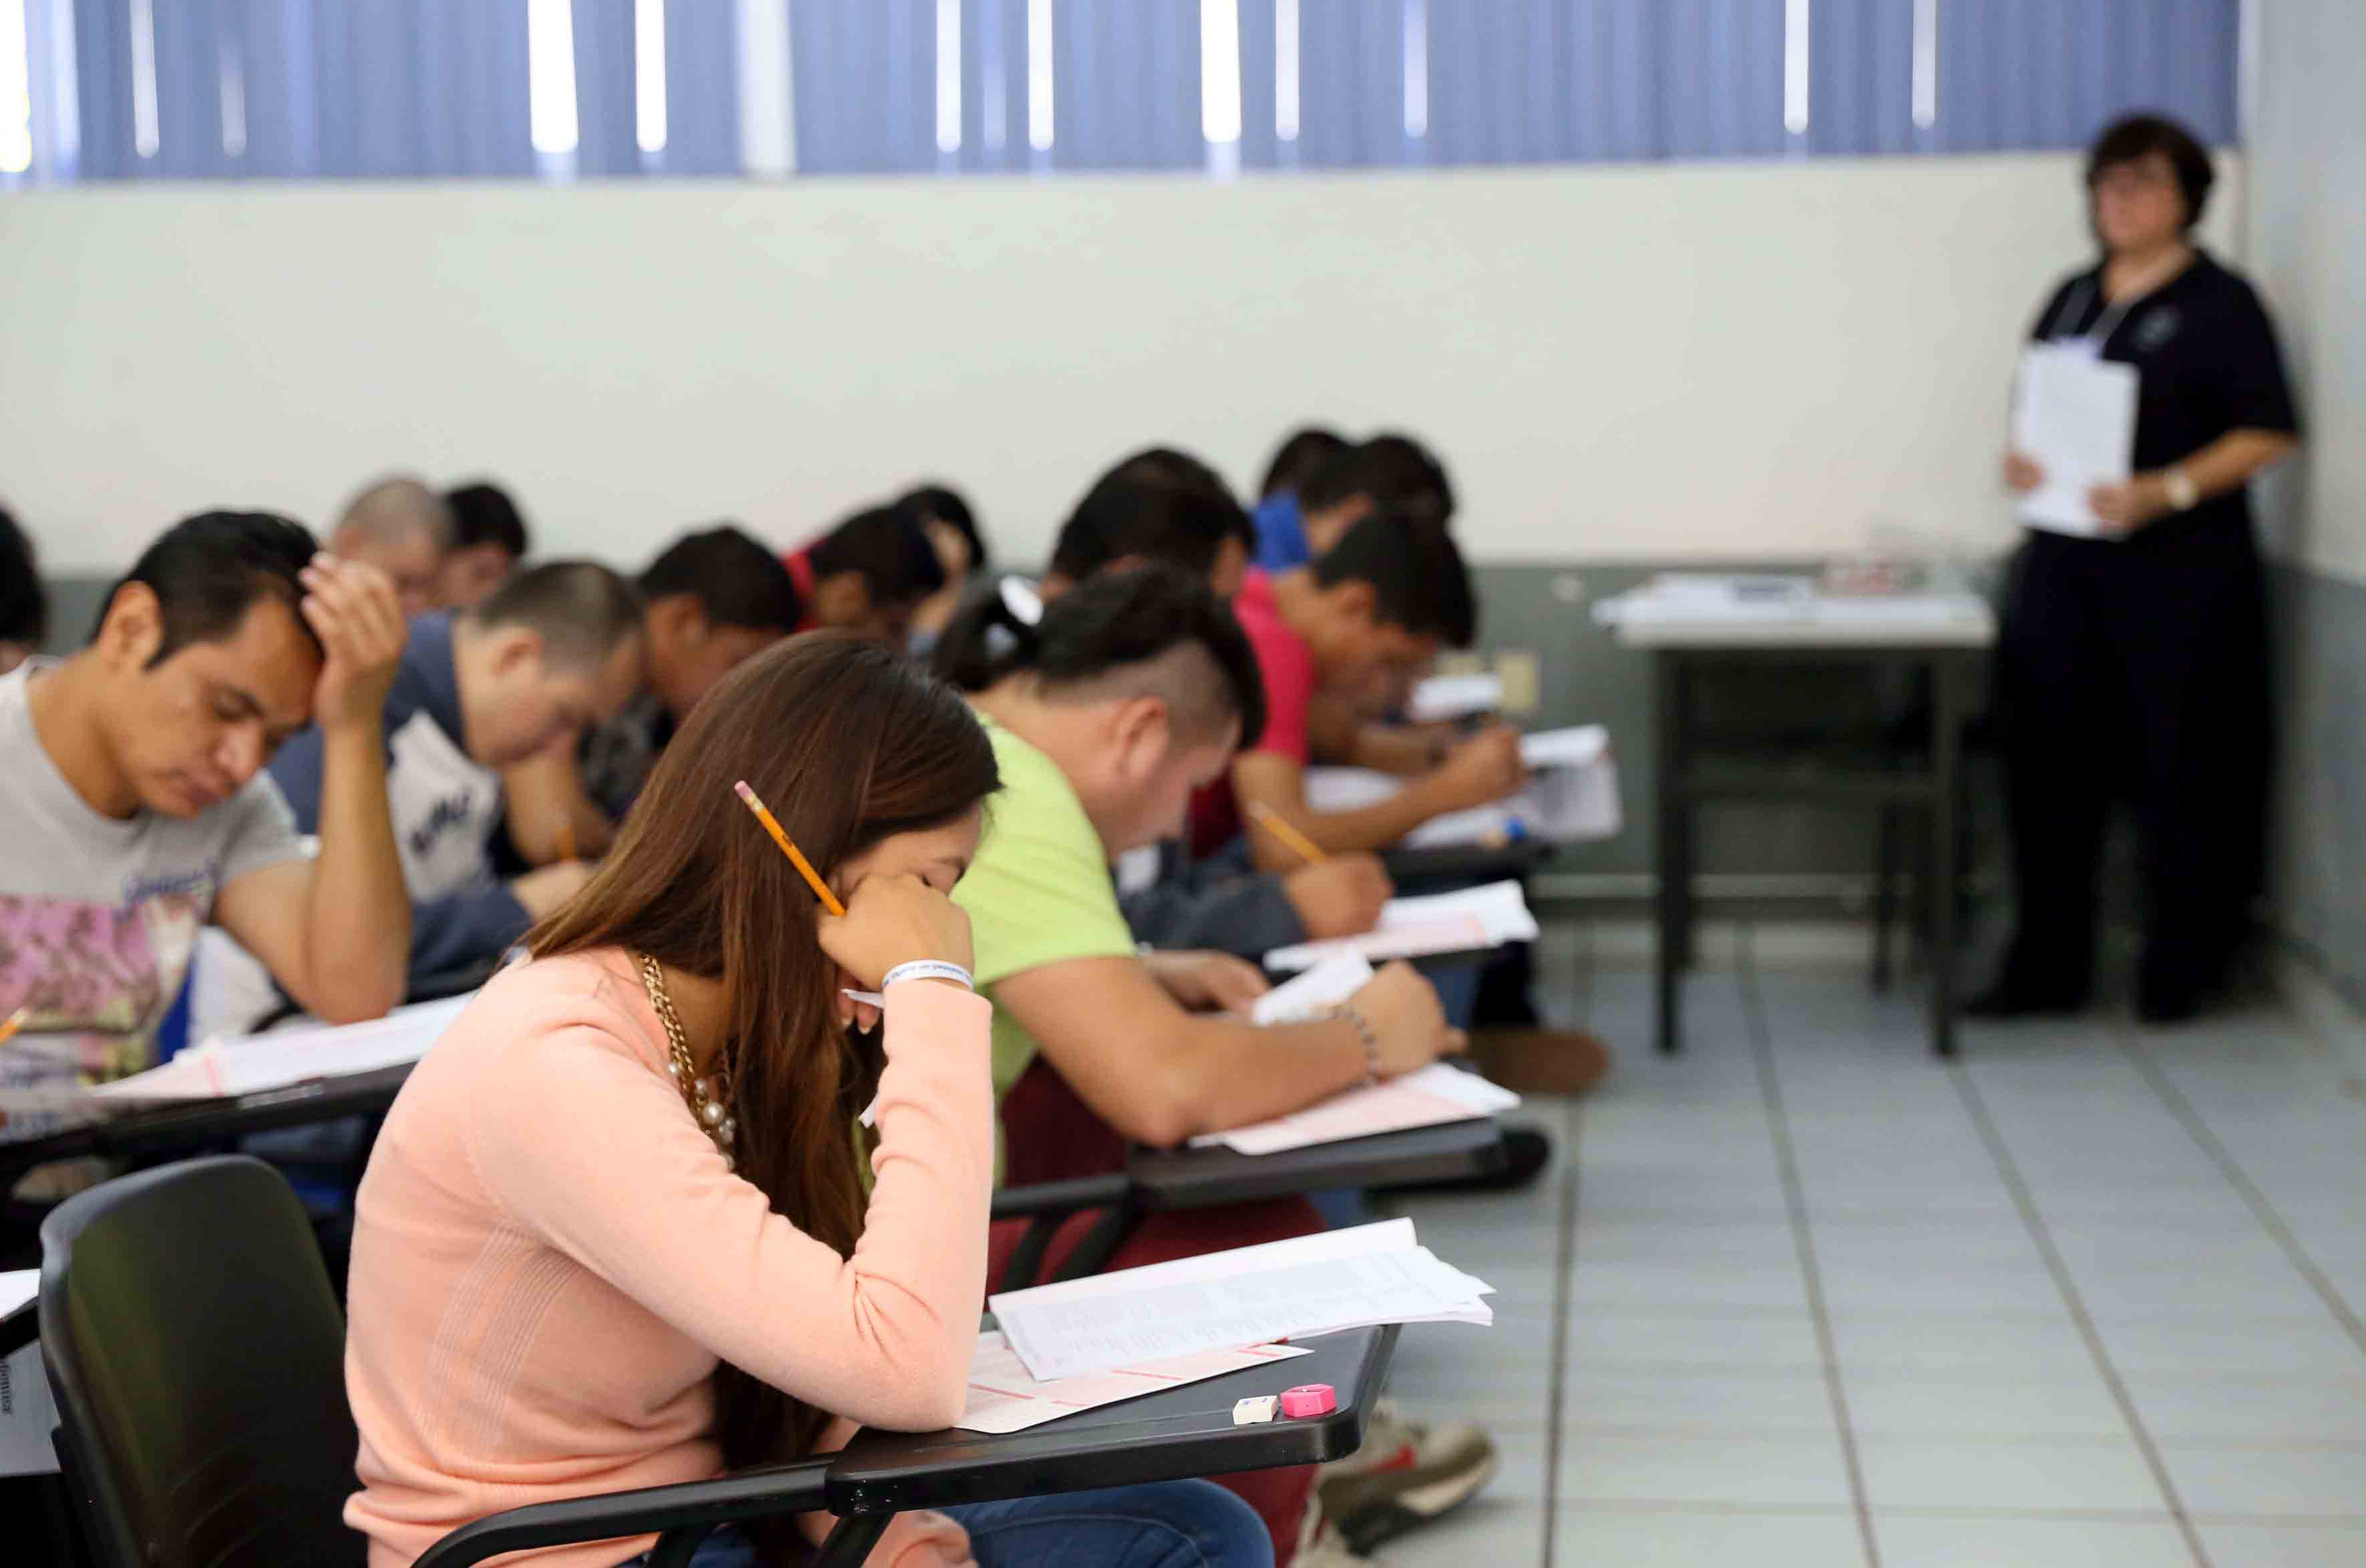 Aspirantes a licenciatura aplicando el examen de admisión.